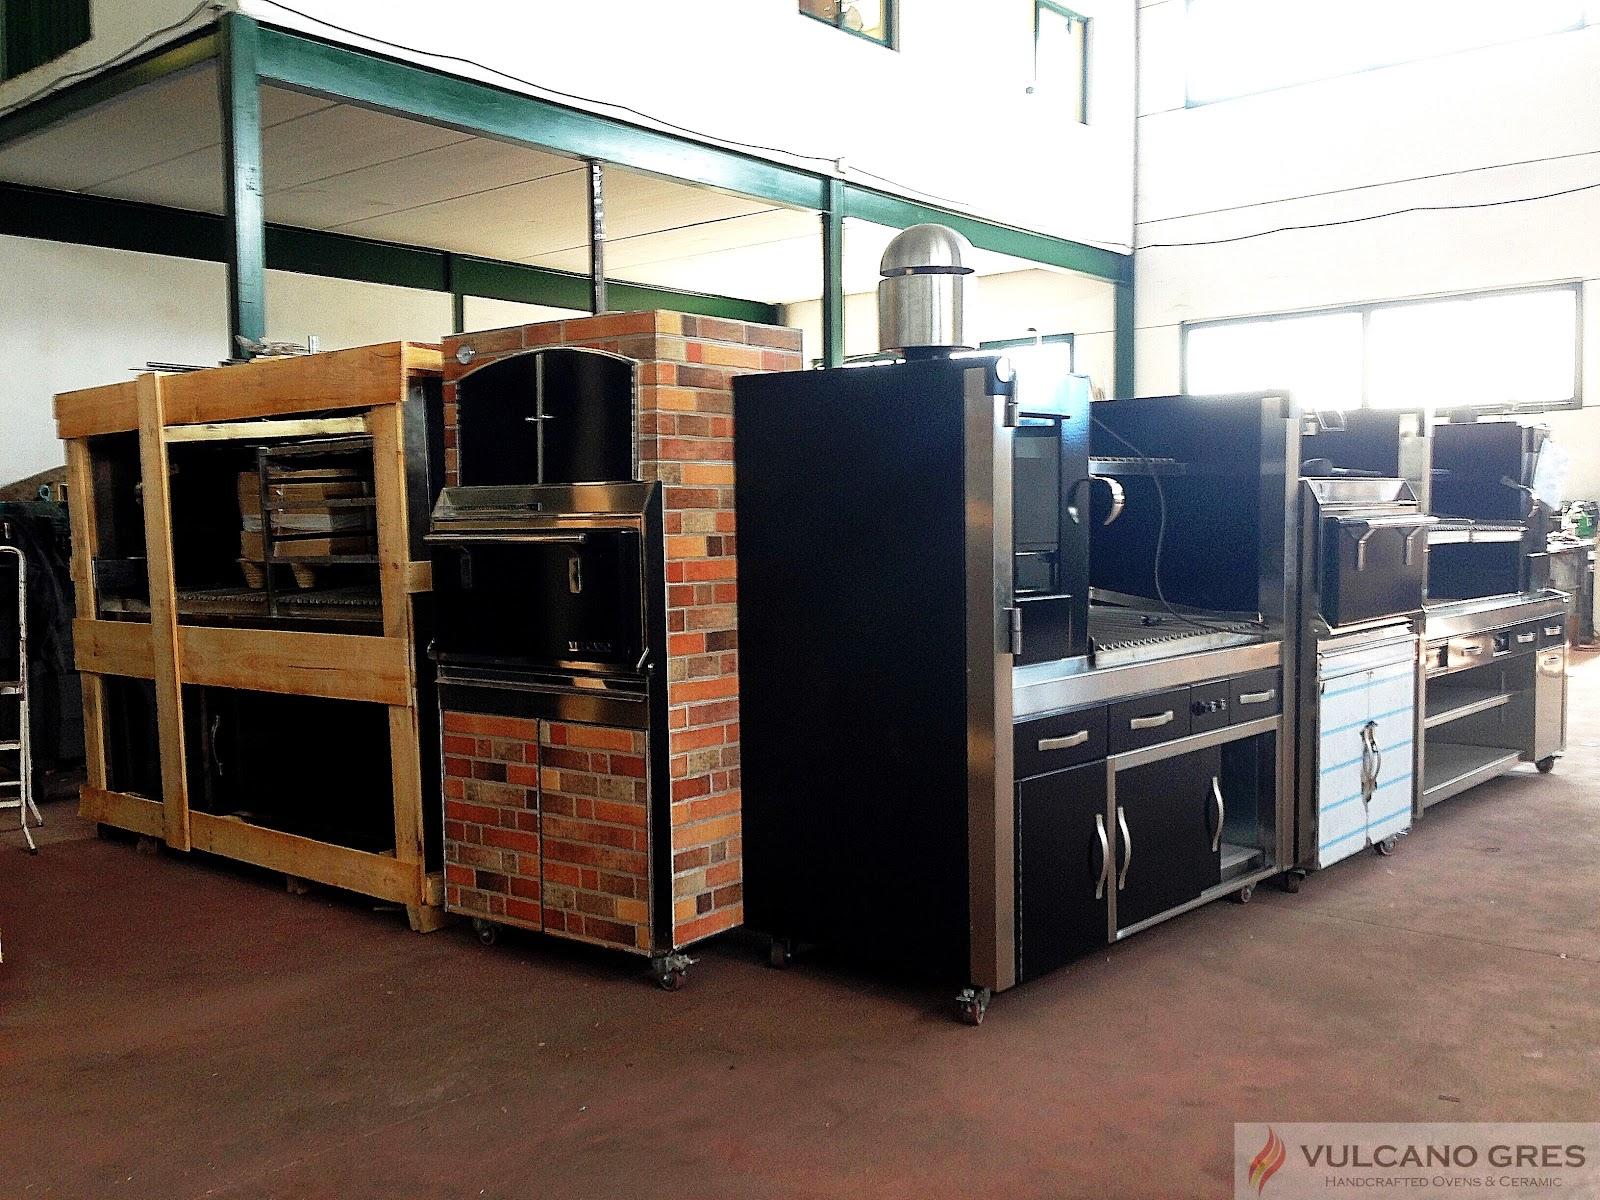 Vulcano gres parrillas y barbacoas para restaurantes hornos de brasa hornos de pizza y - Parrillas y hornos a lena ...